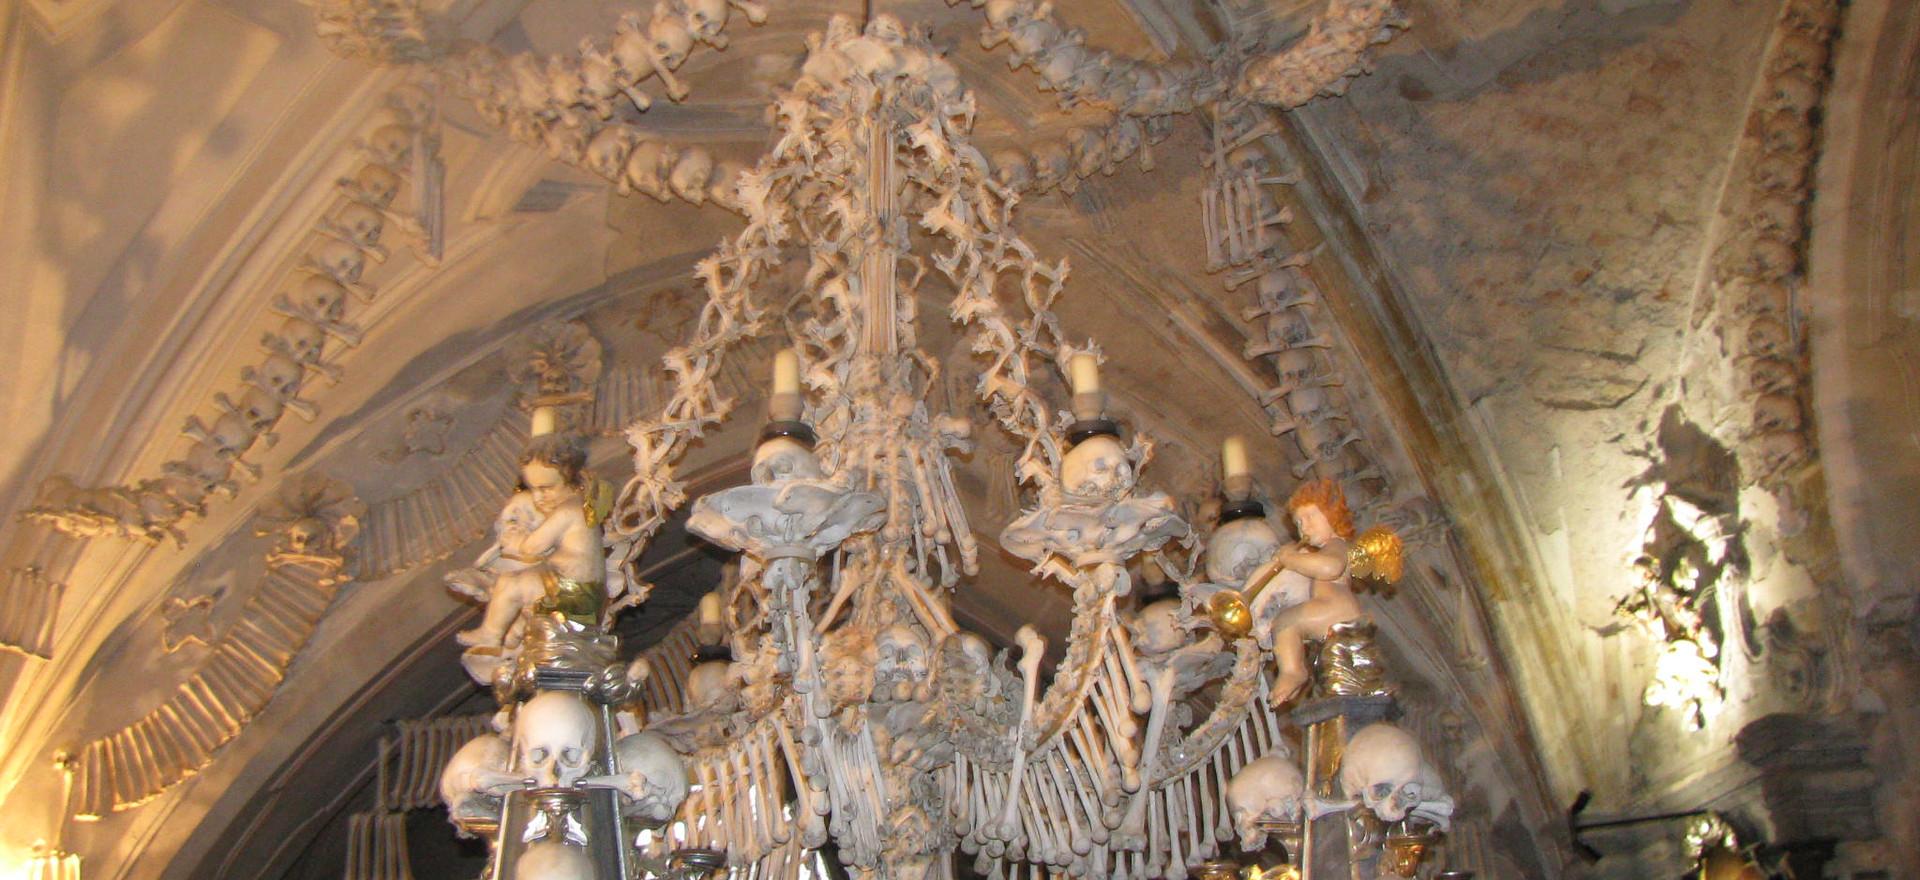 Часовня всех святых с костехранилищем, Кутна-Гора